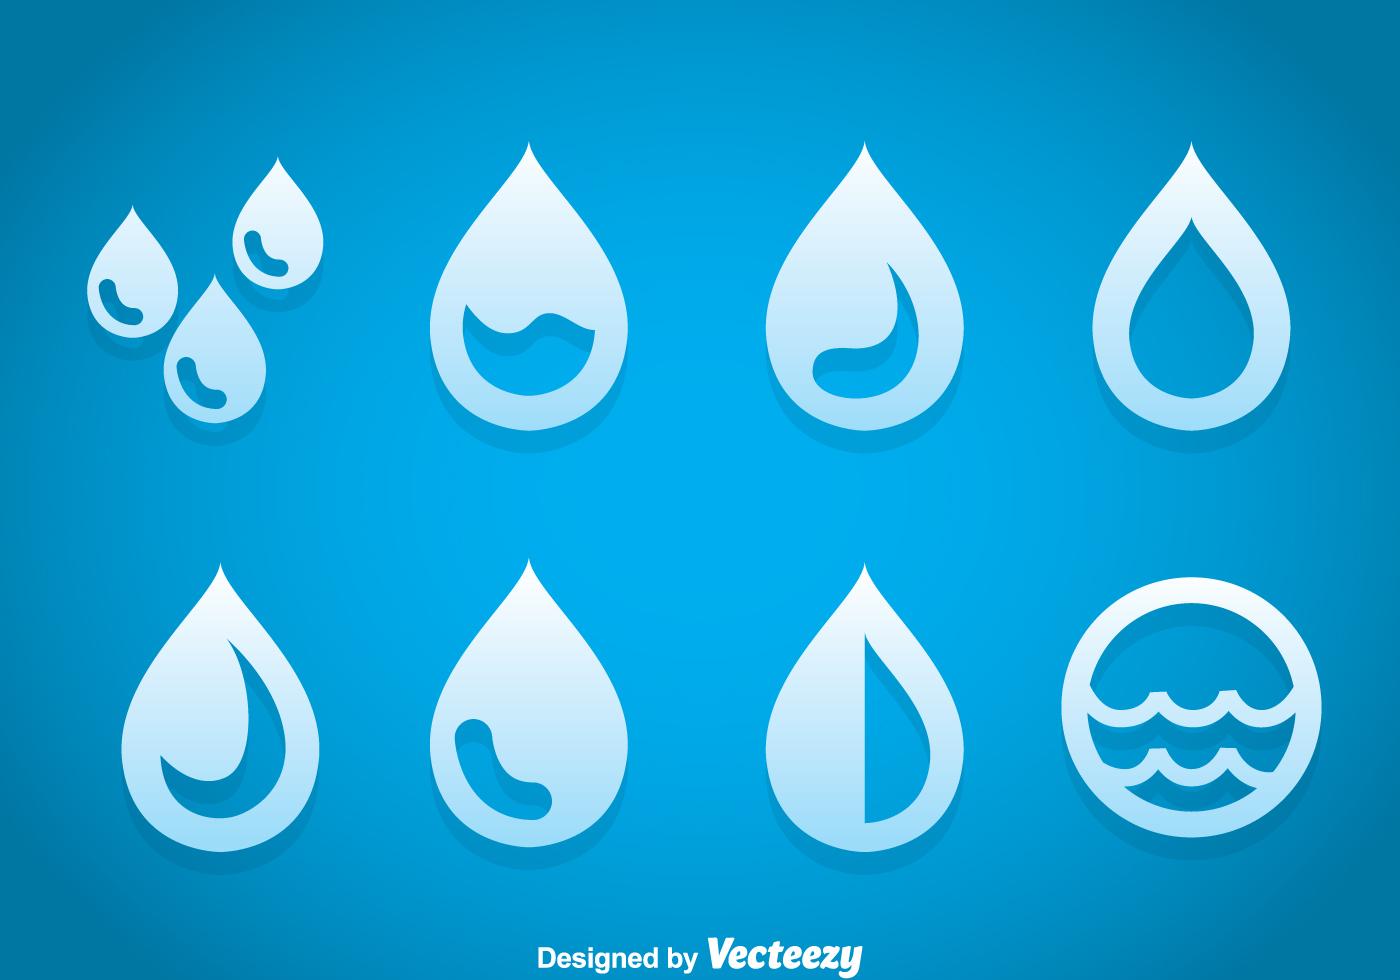 Drop Water Icons Vector Download Free Vector Art Stock